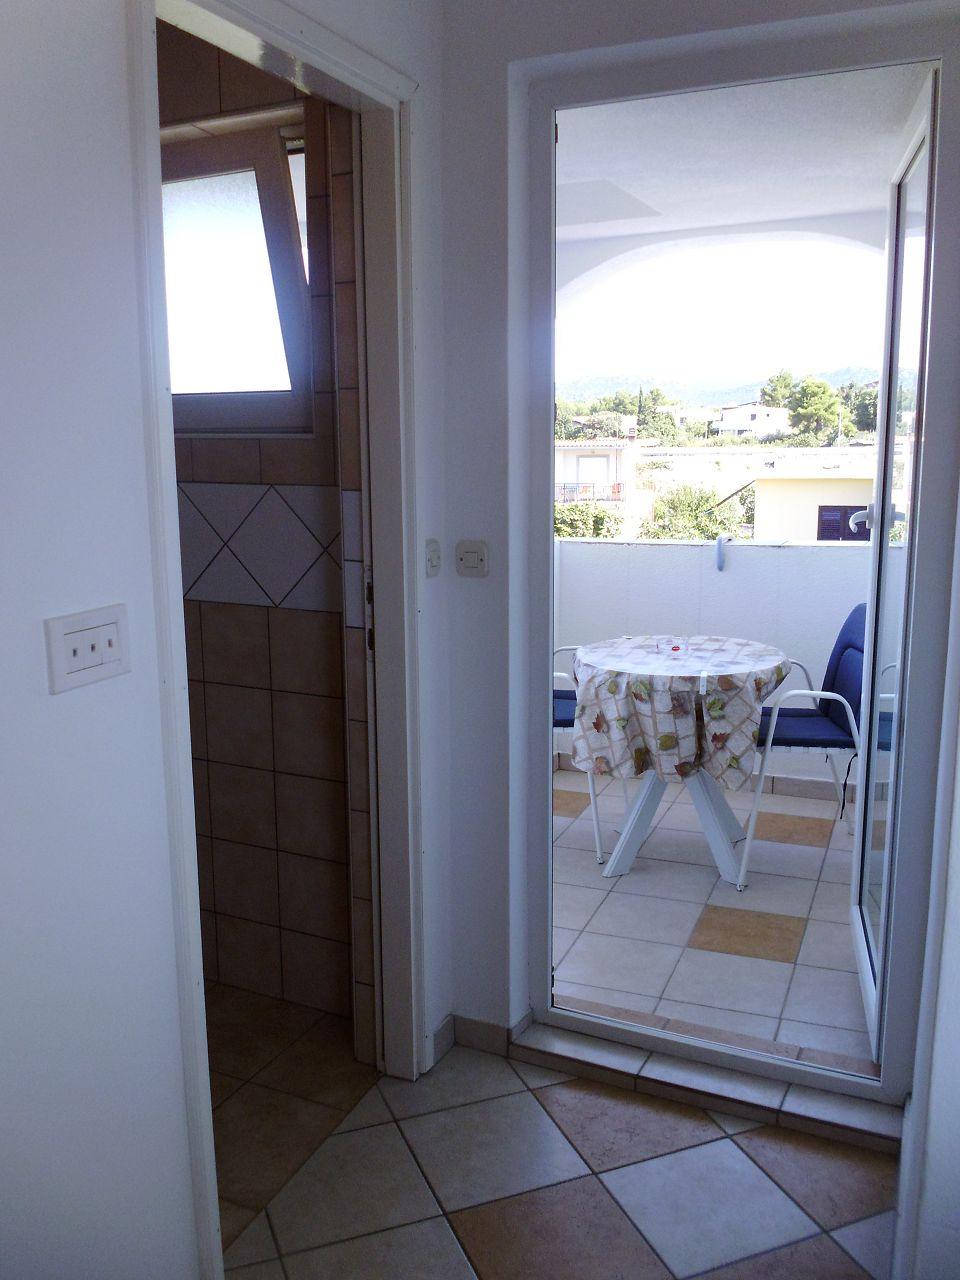 A00106PIRO - Pirovac - Ferienwohnungen Kroatien - SA1(2+1): Terasse